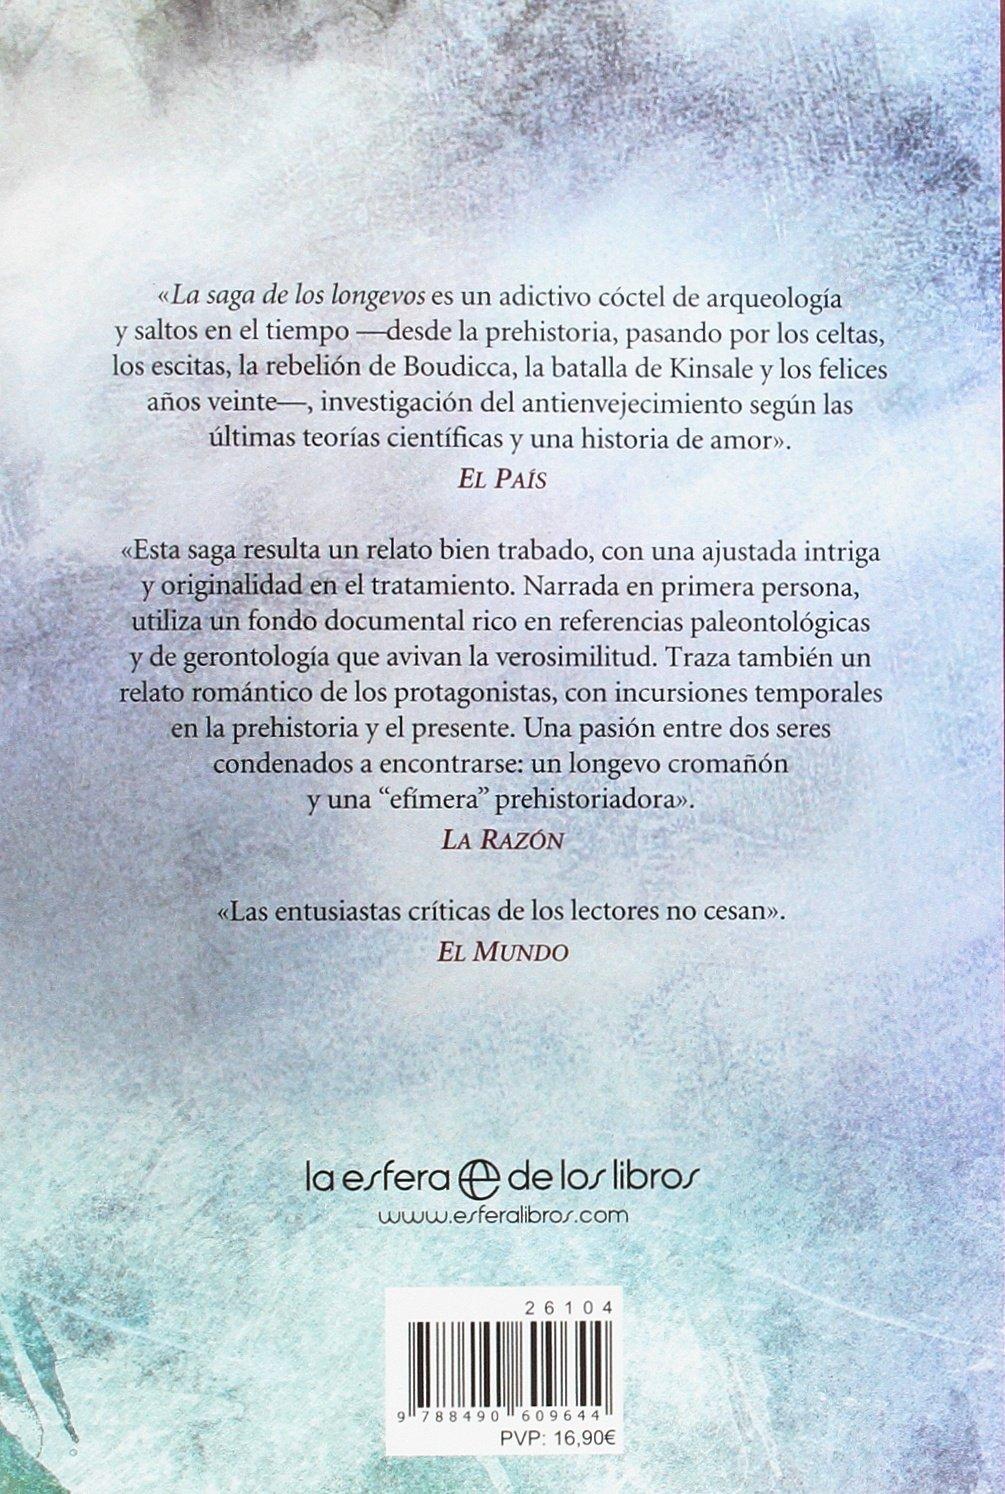 La saga de los longevos: La vieja familia: Eva Gª Sáenz de Urturi: 9788490609644: Amazon.com: Books